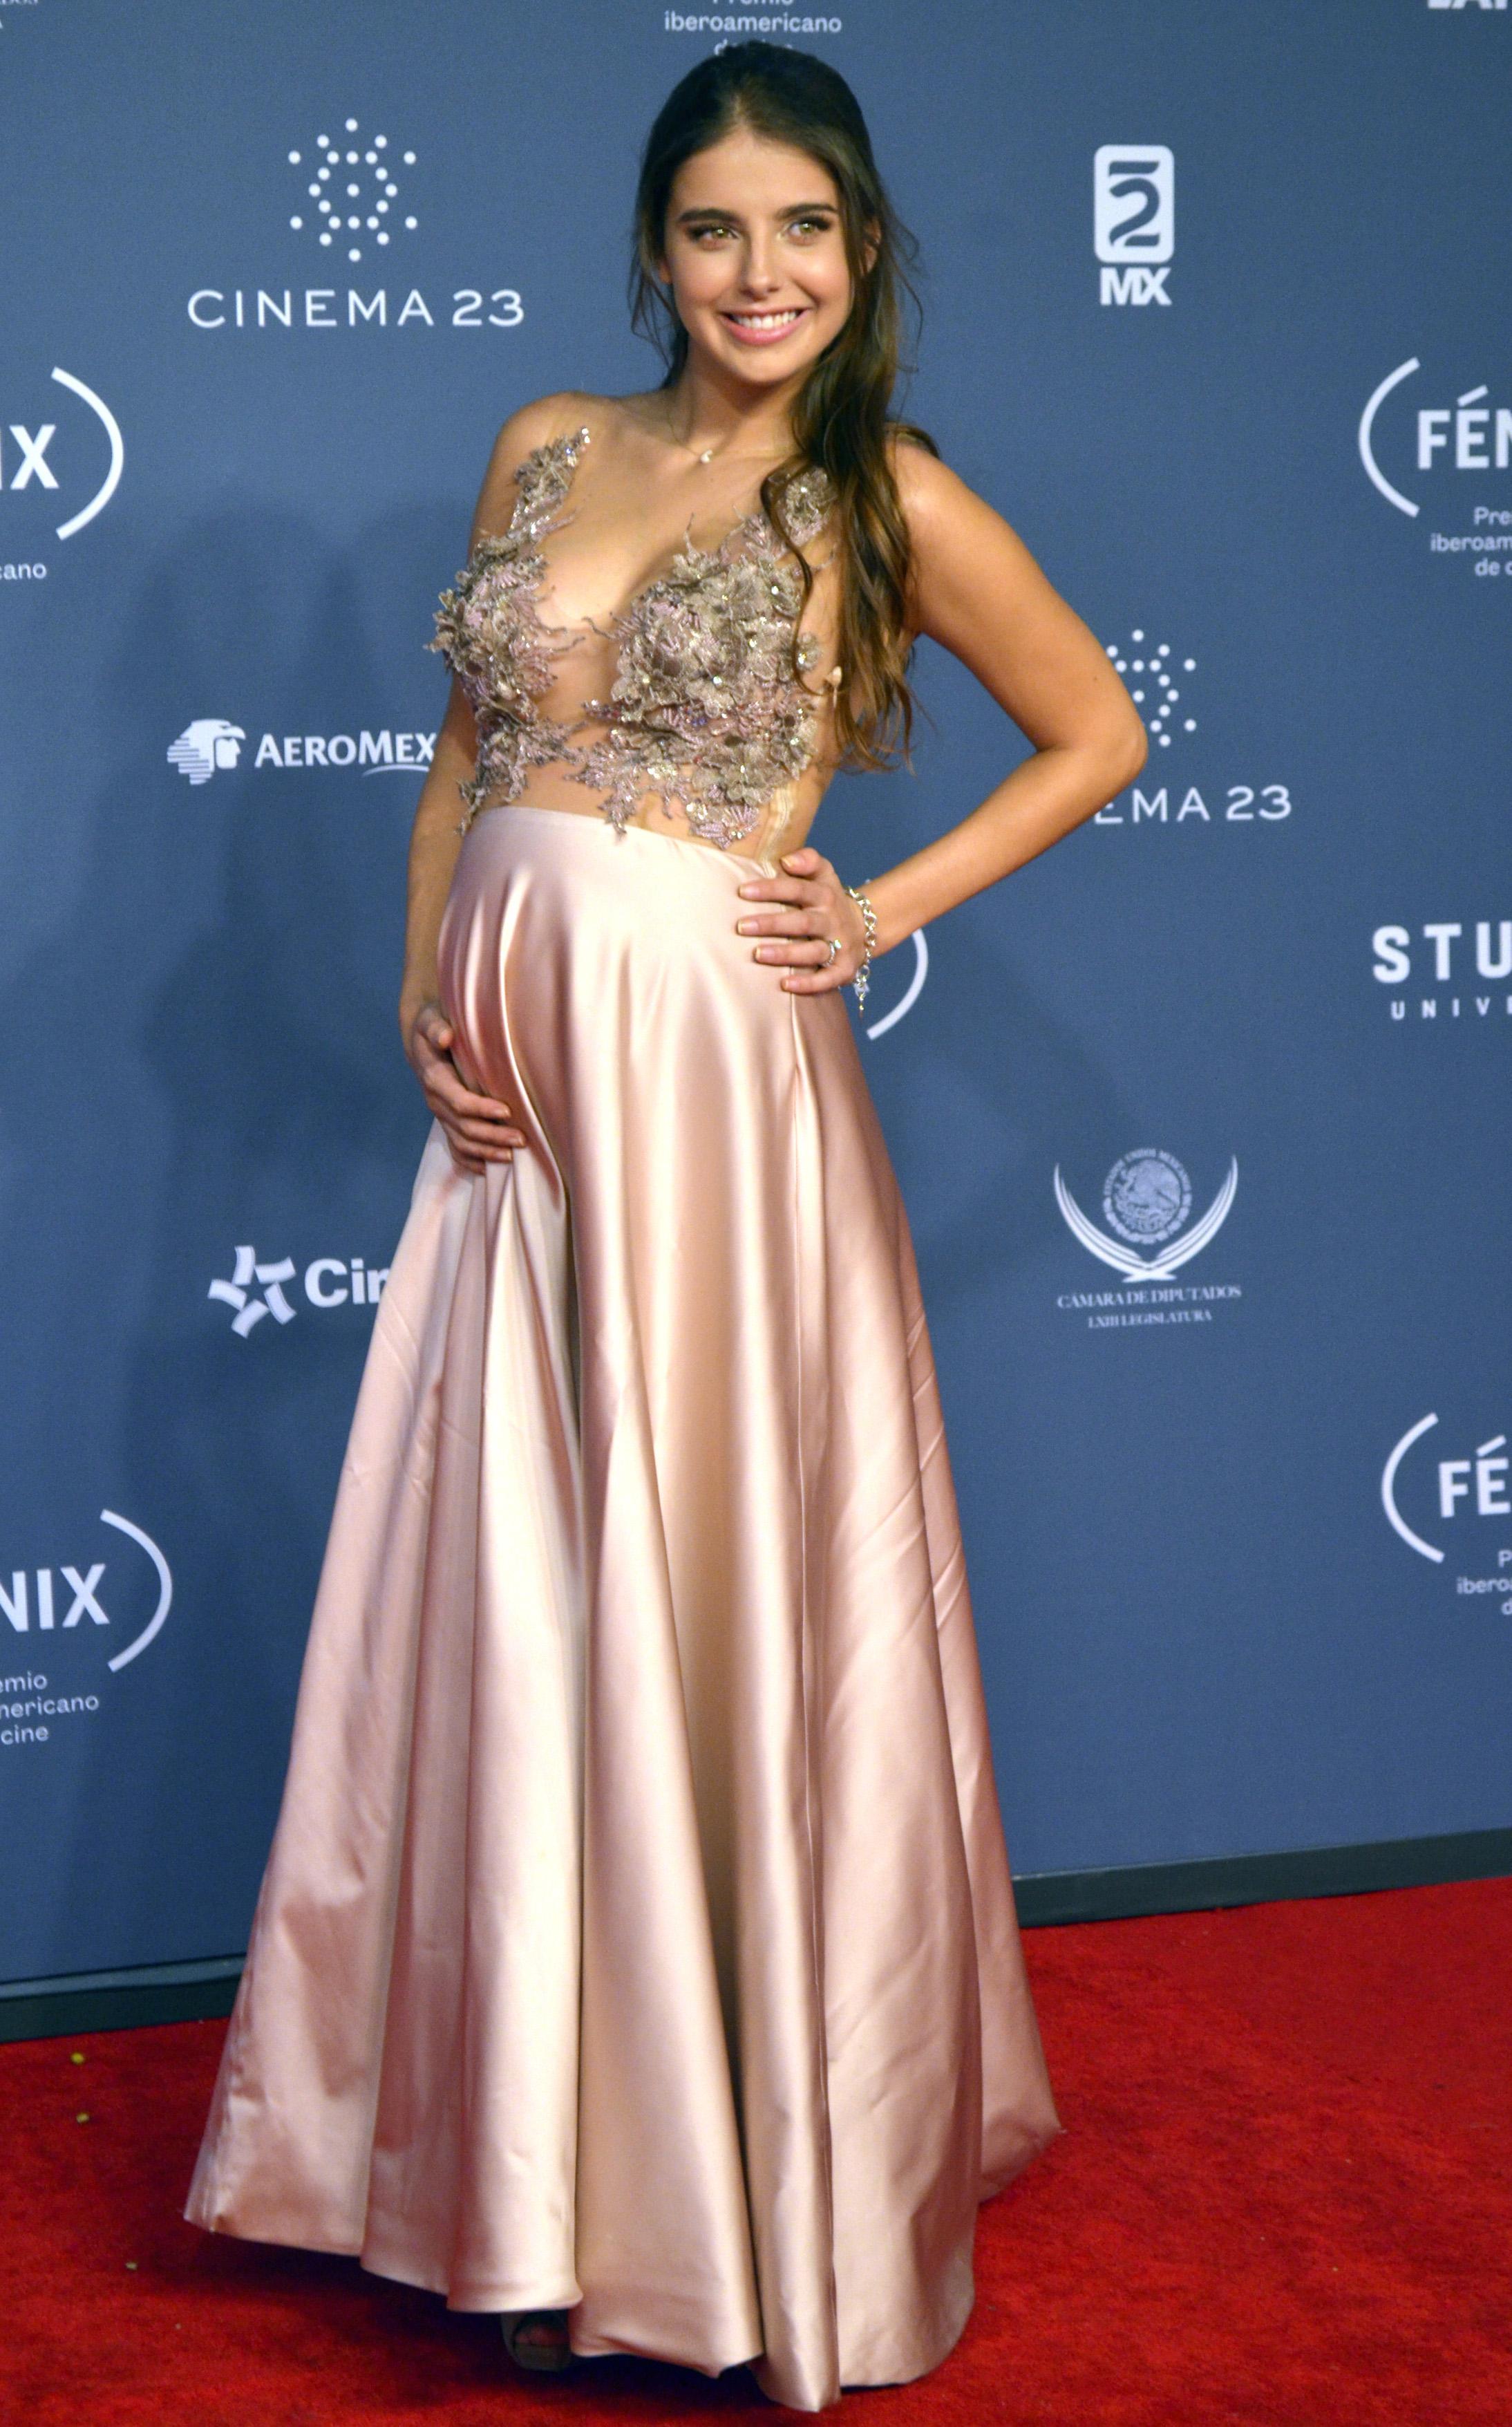 Michelle Renaud embarazada en alfombra roja